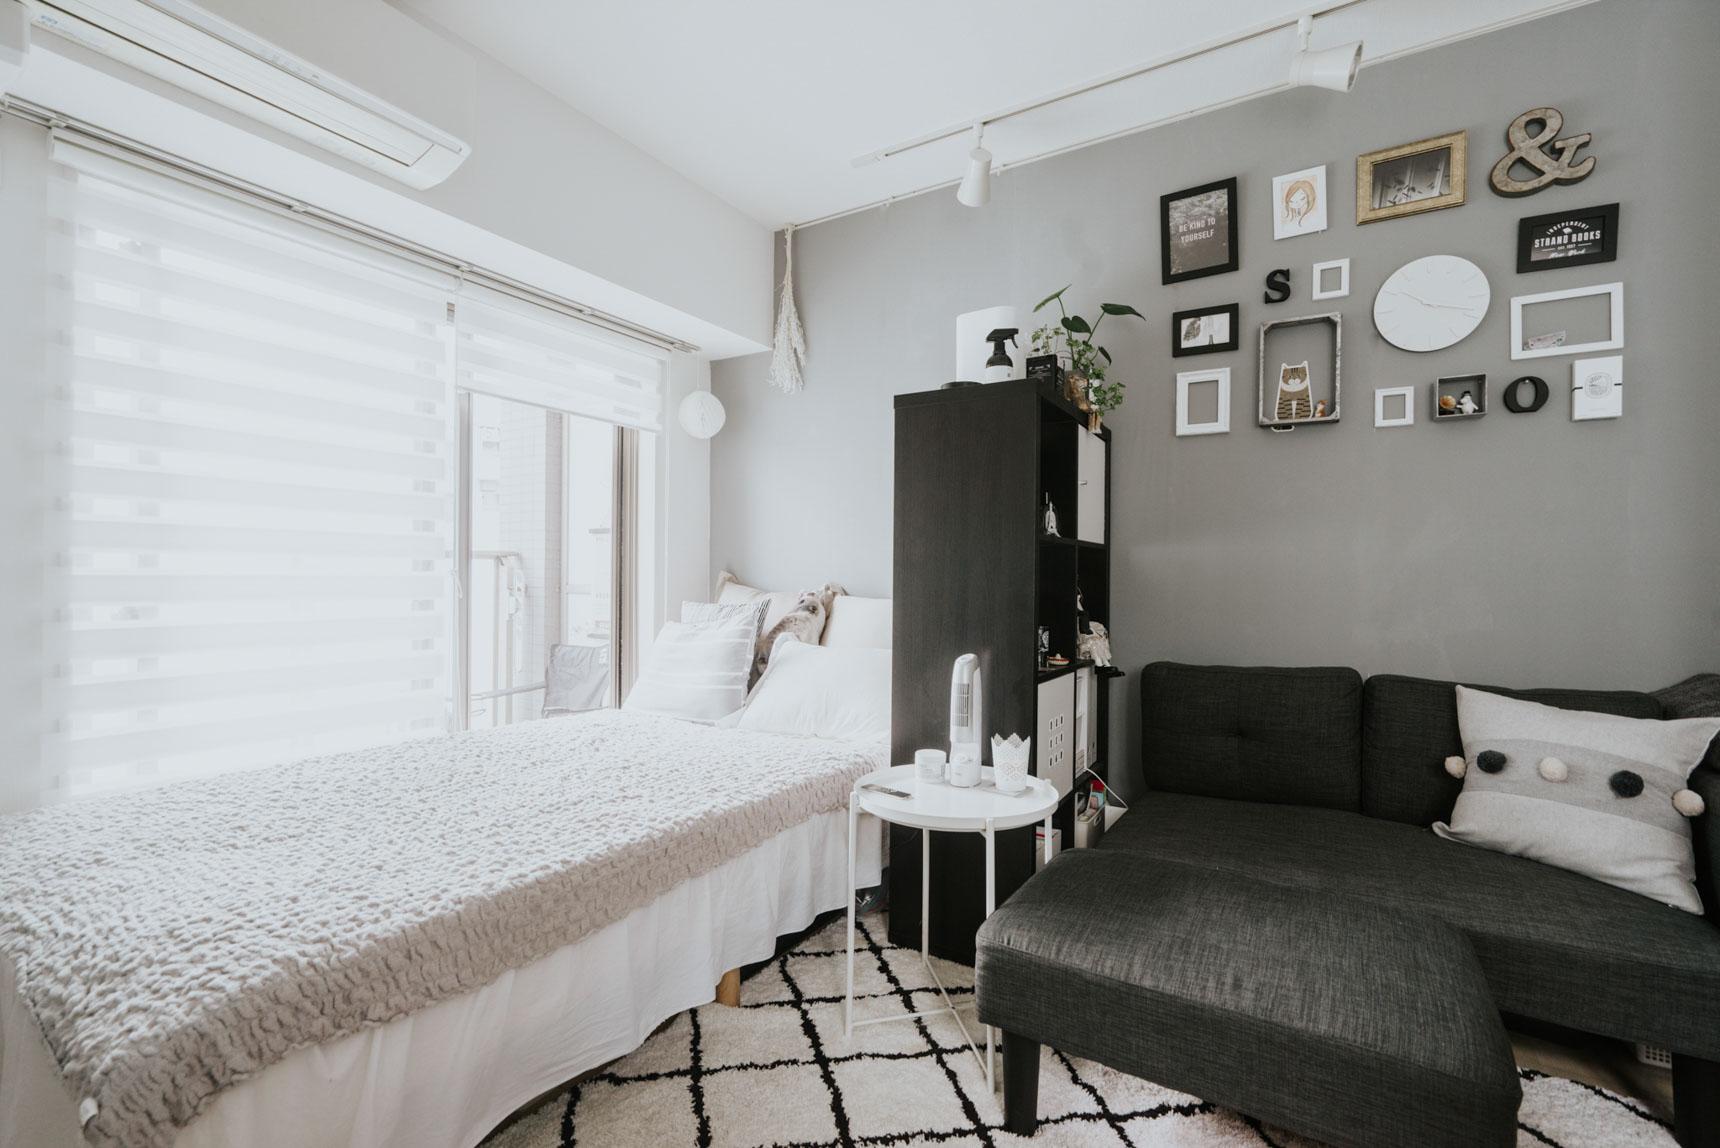 ベッドとソファの間にIKEAの棚を置いて間仕切りにしたお部屋。プライベートの空間と分けられて一石二鳥です。